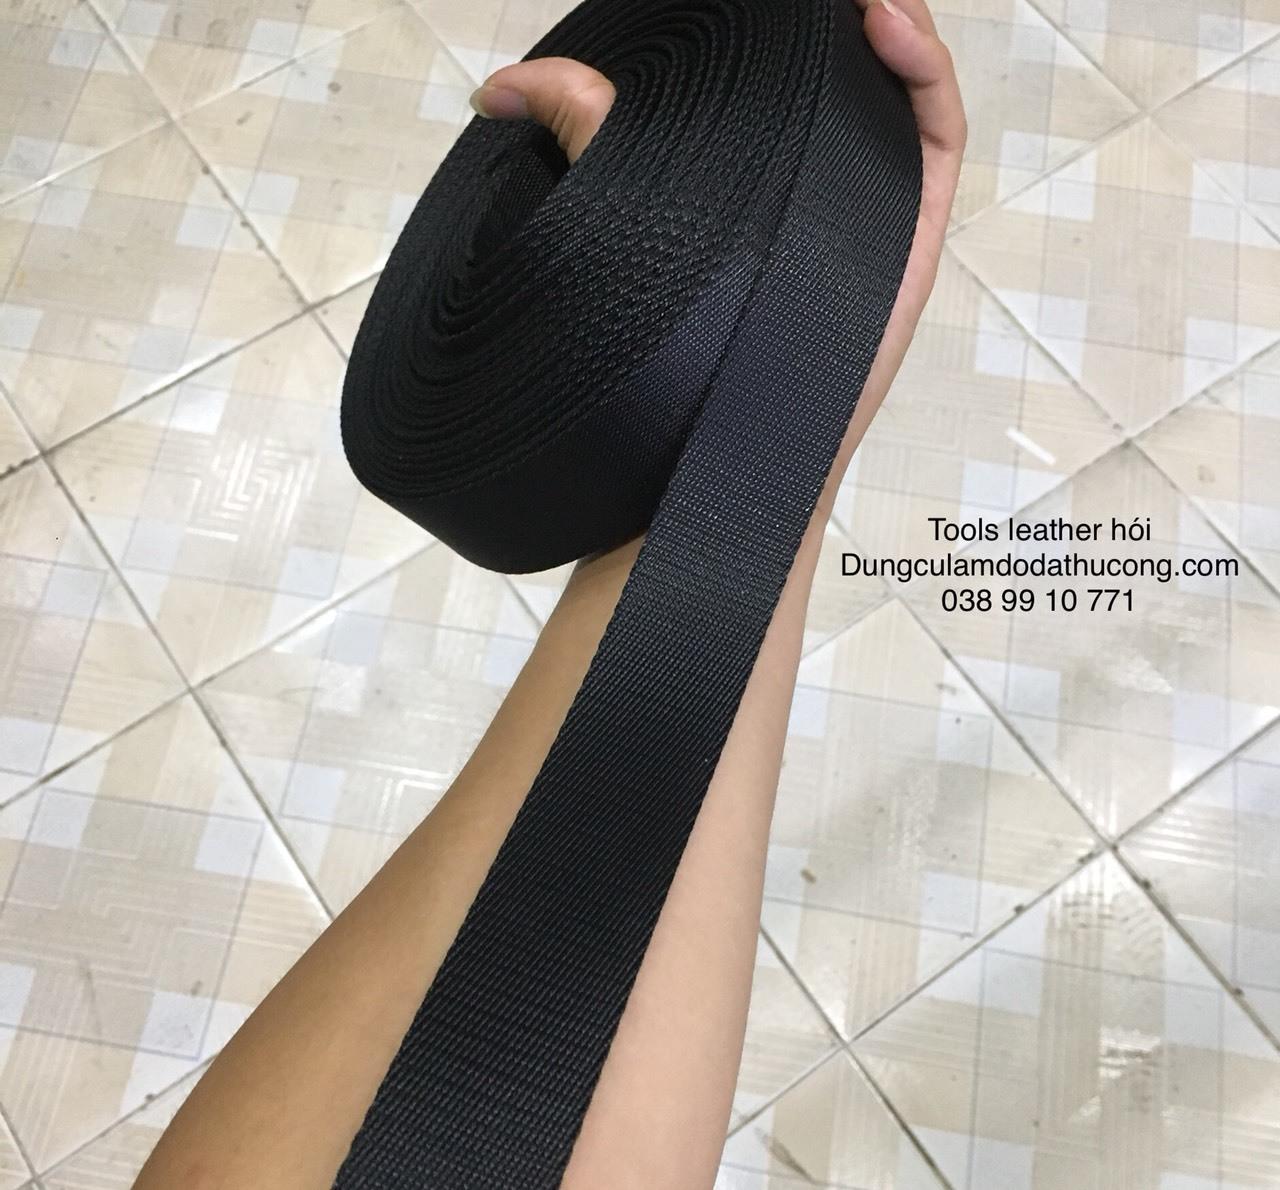 dây vải dù đeo túi màu đen 25-32-35mm 1m